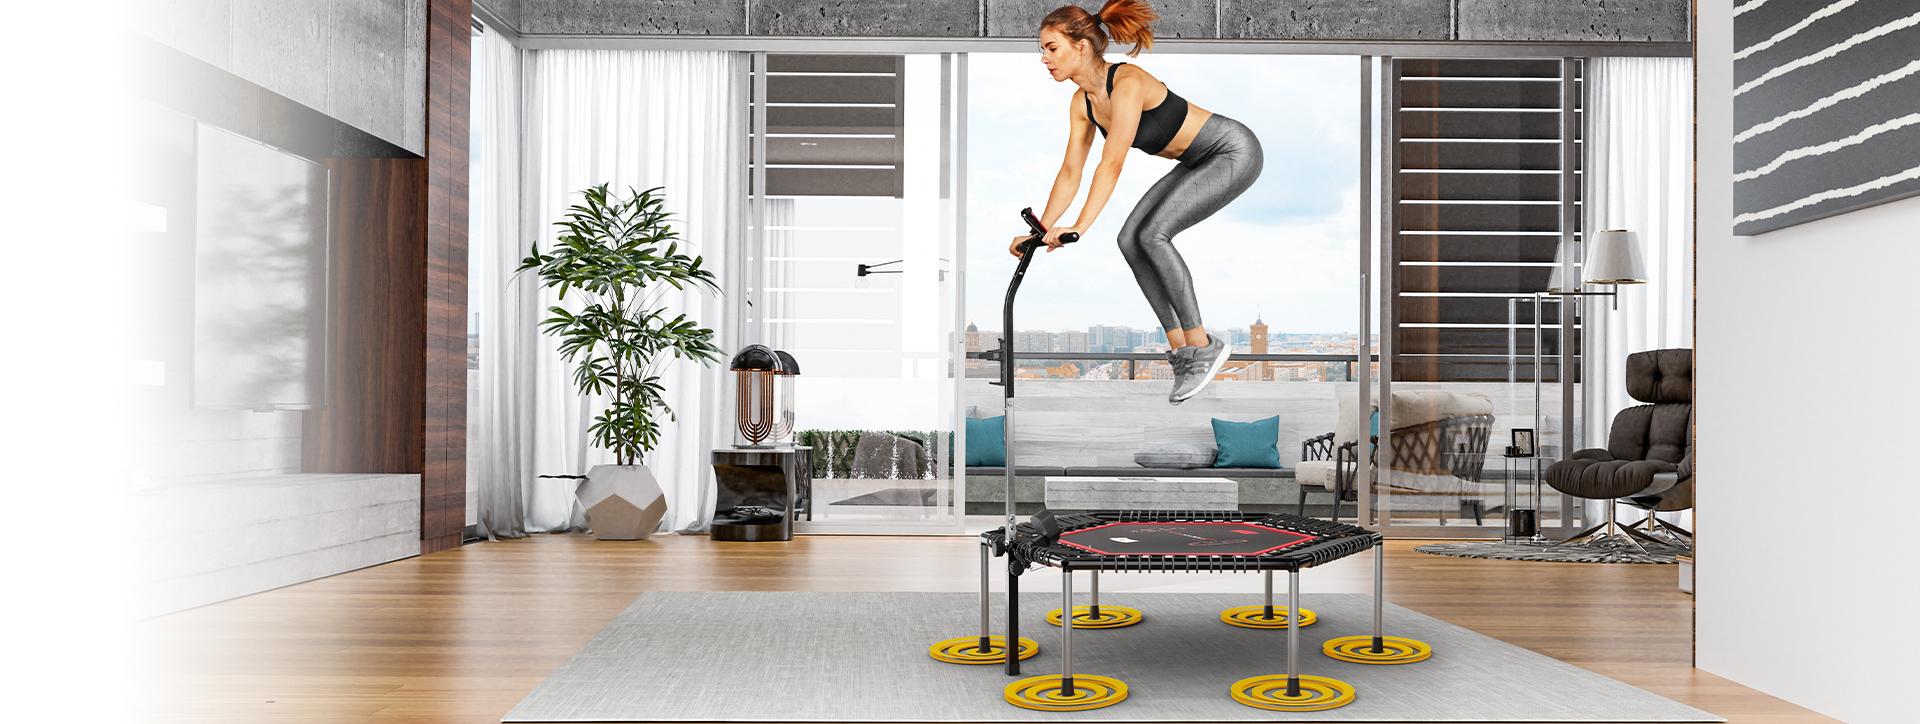 Trampolini Fitness